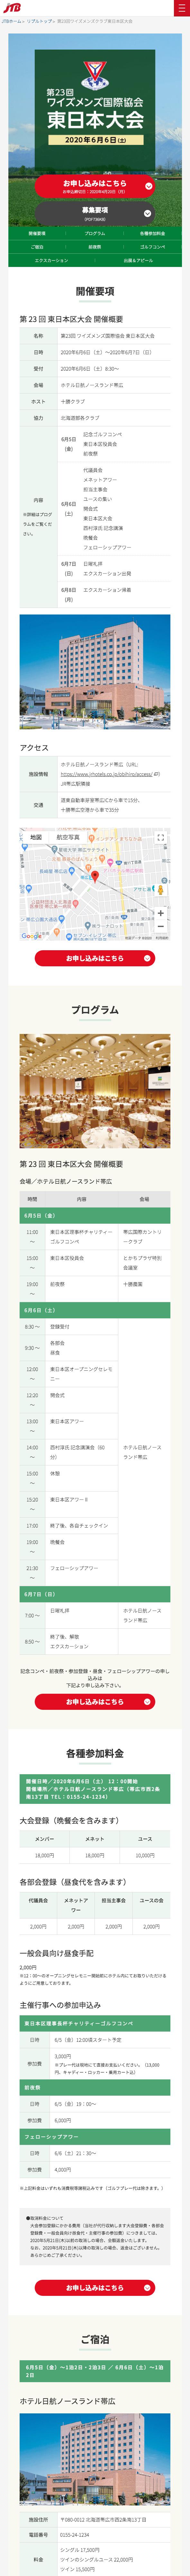 第23回ワイズメンズクラブ東日本区大会